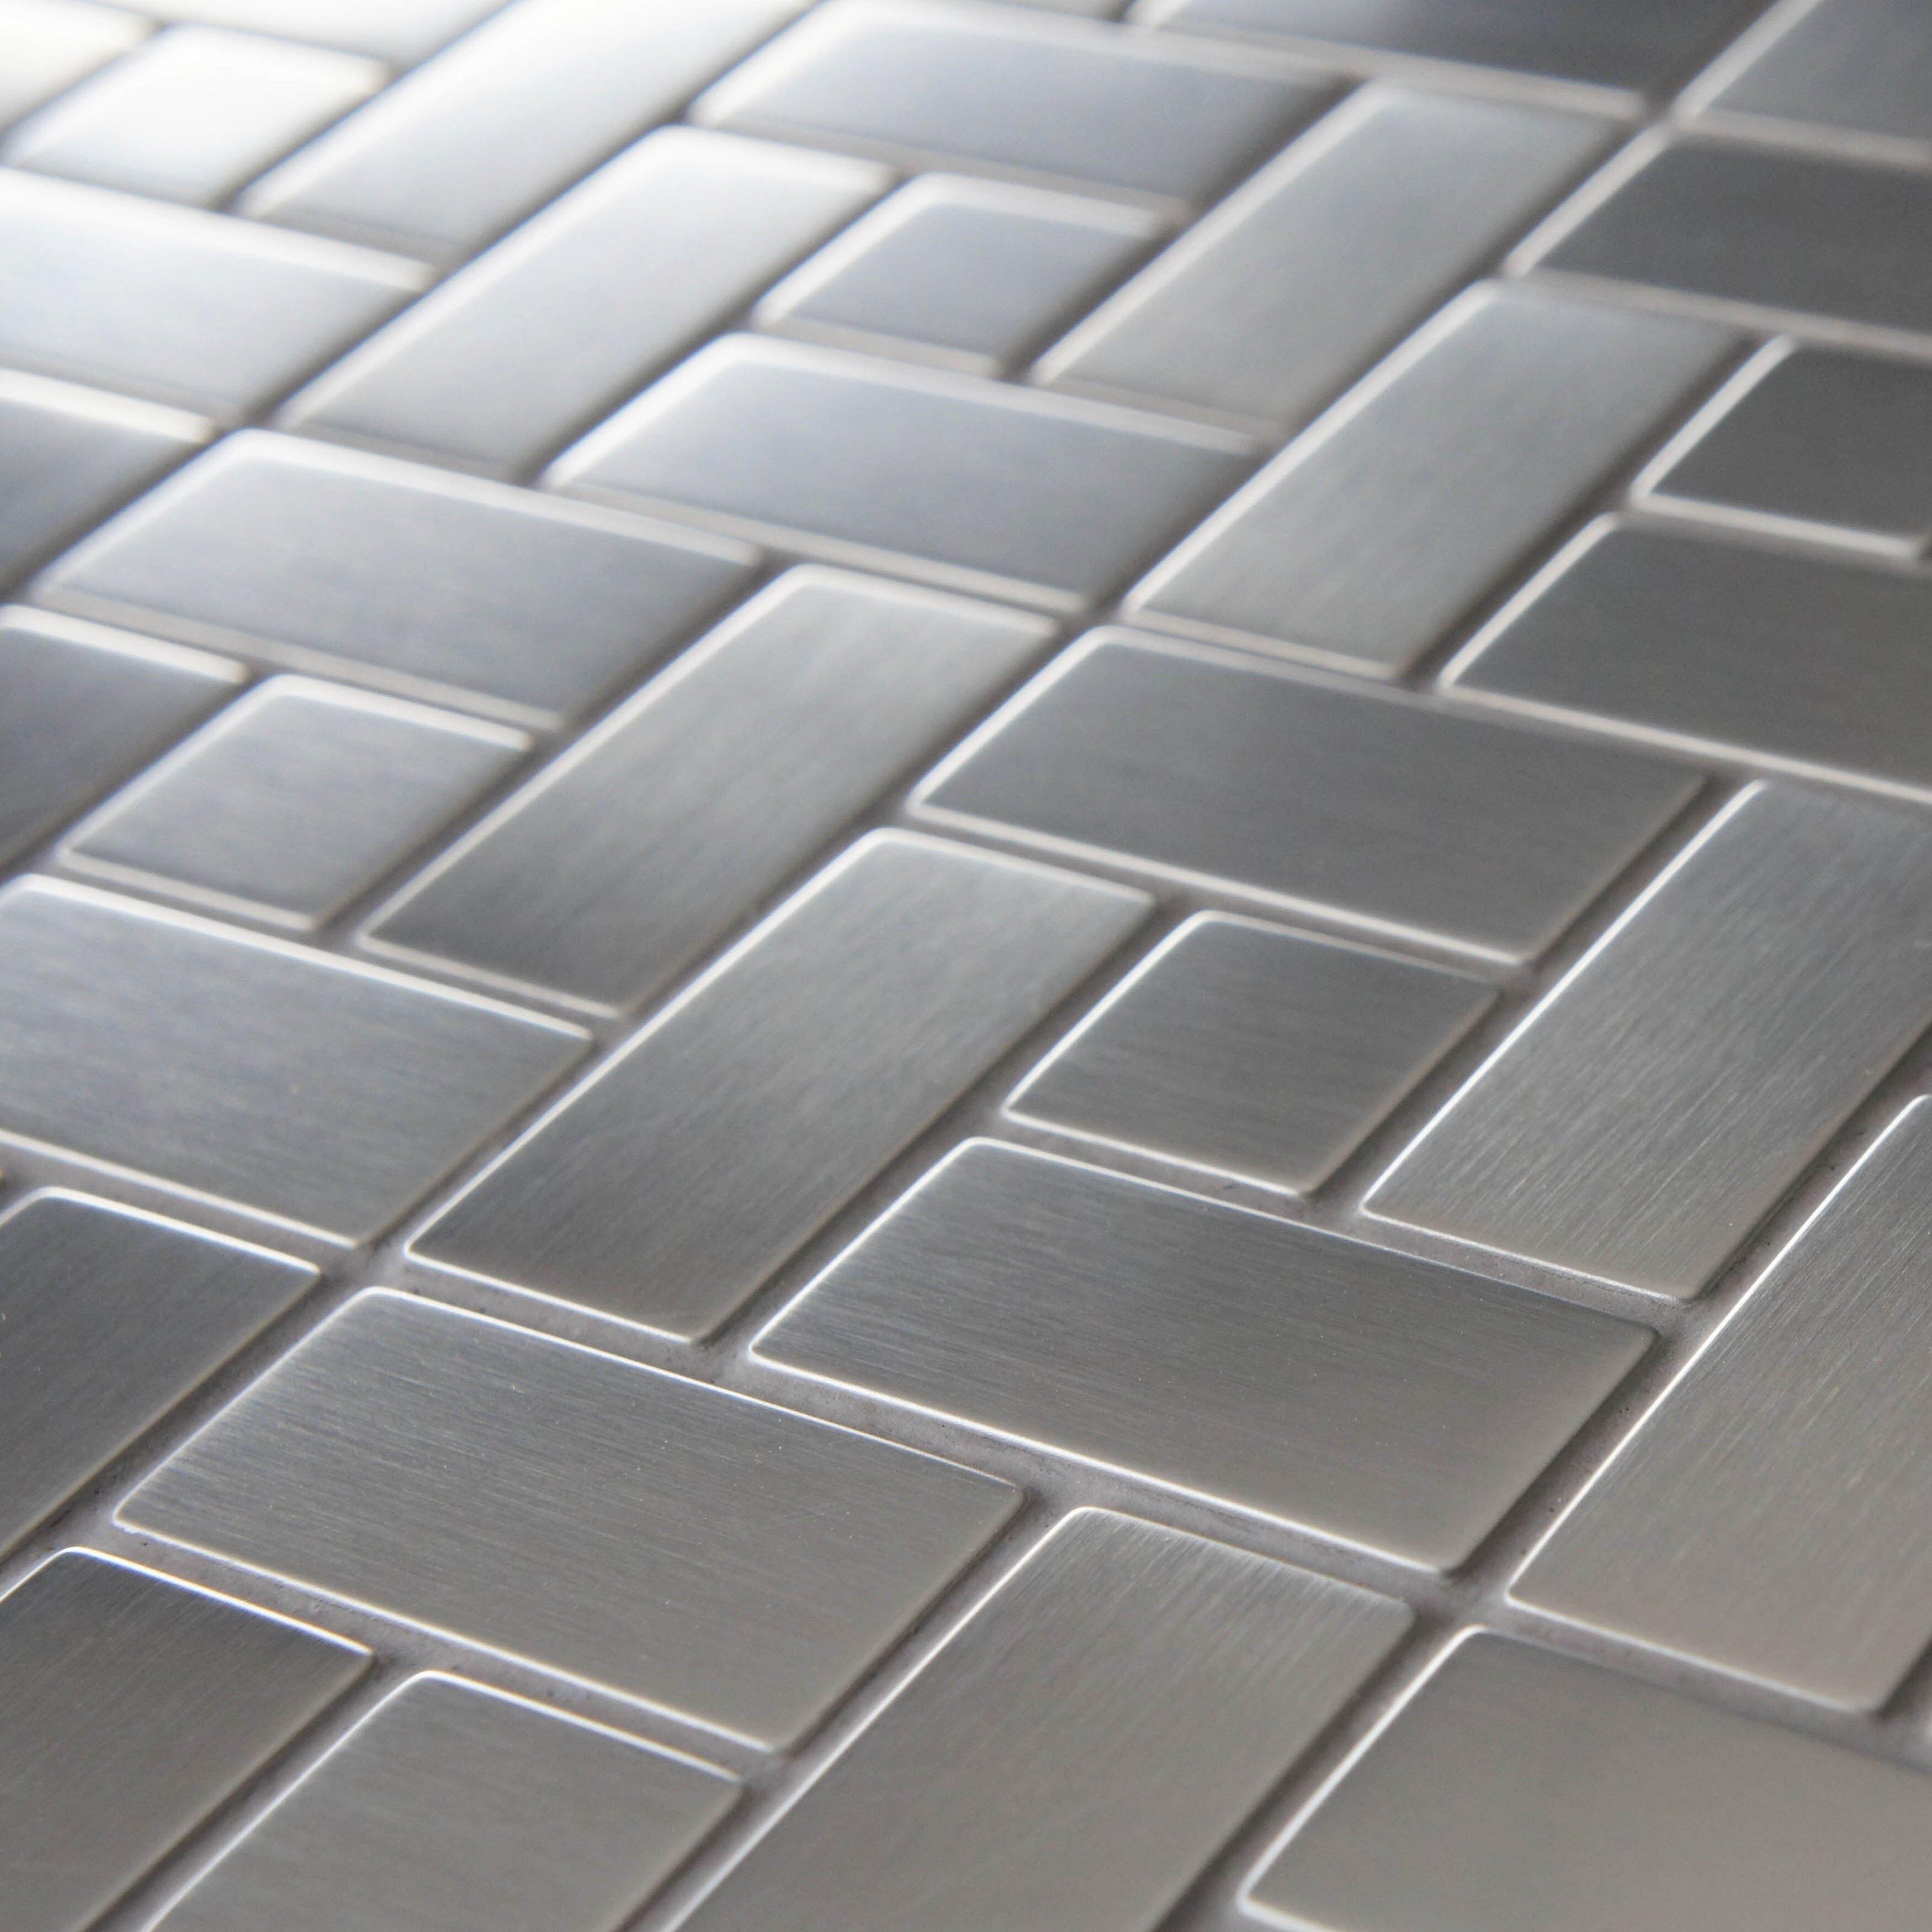 Metal floor tiles